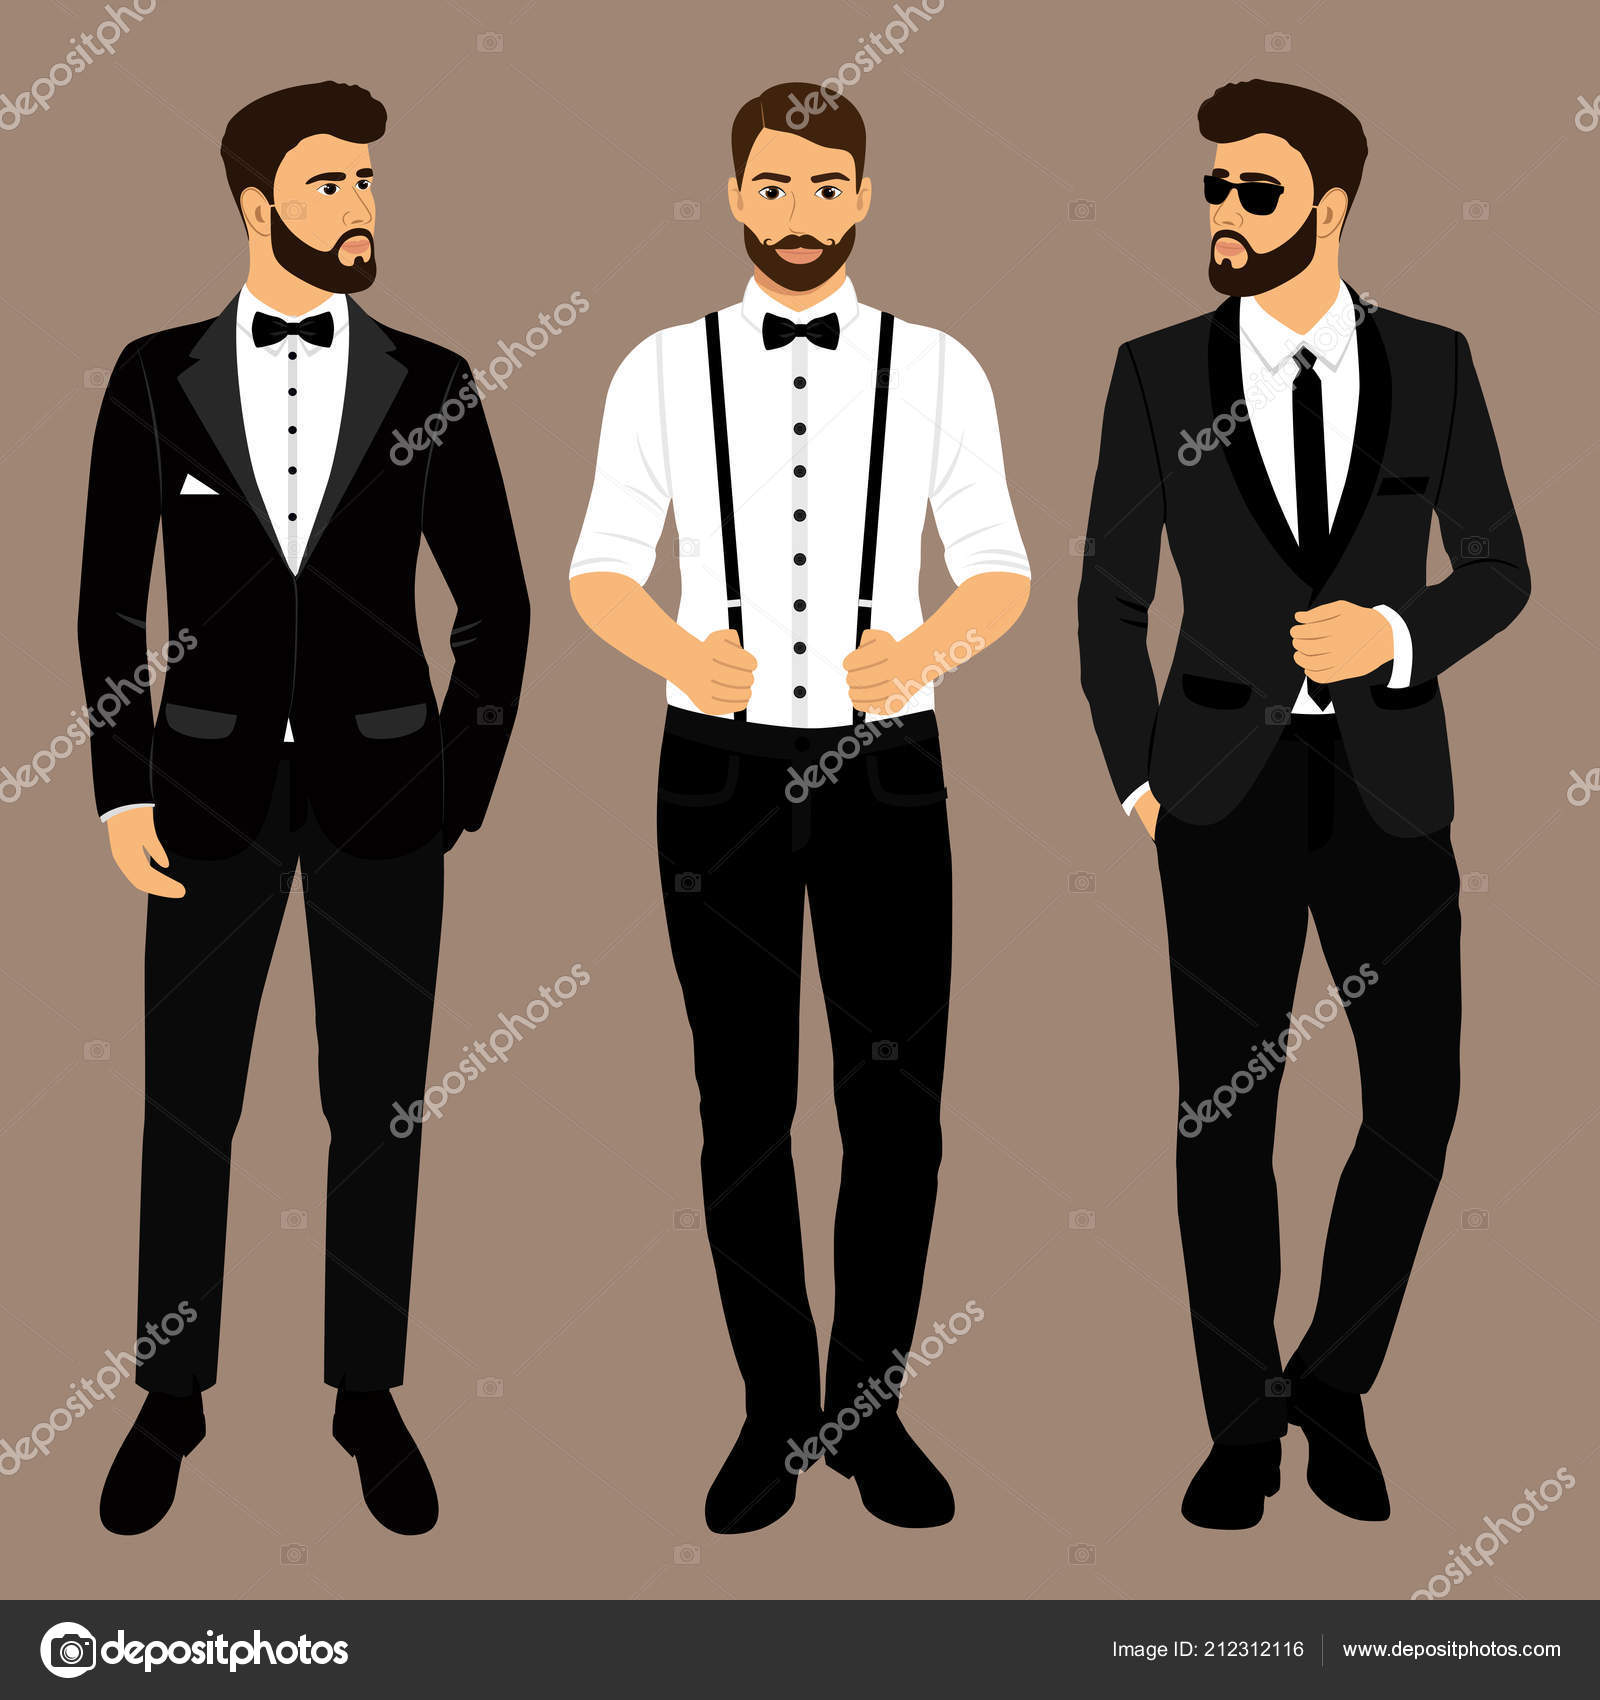 e246f62b35ec6 Un hombre con tirantes. El novio. Ropa. Traje de boda para hombre ...